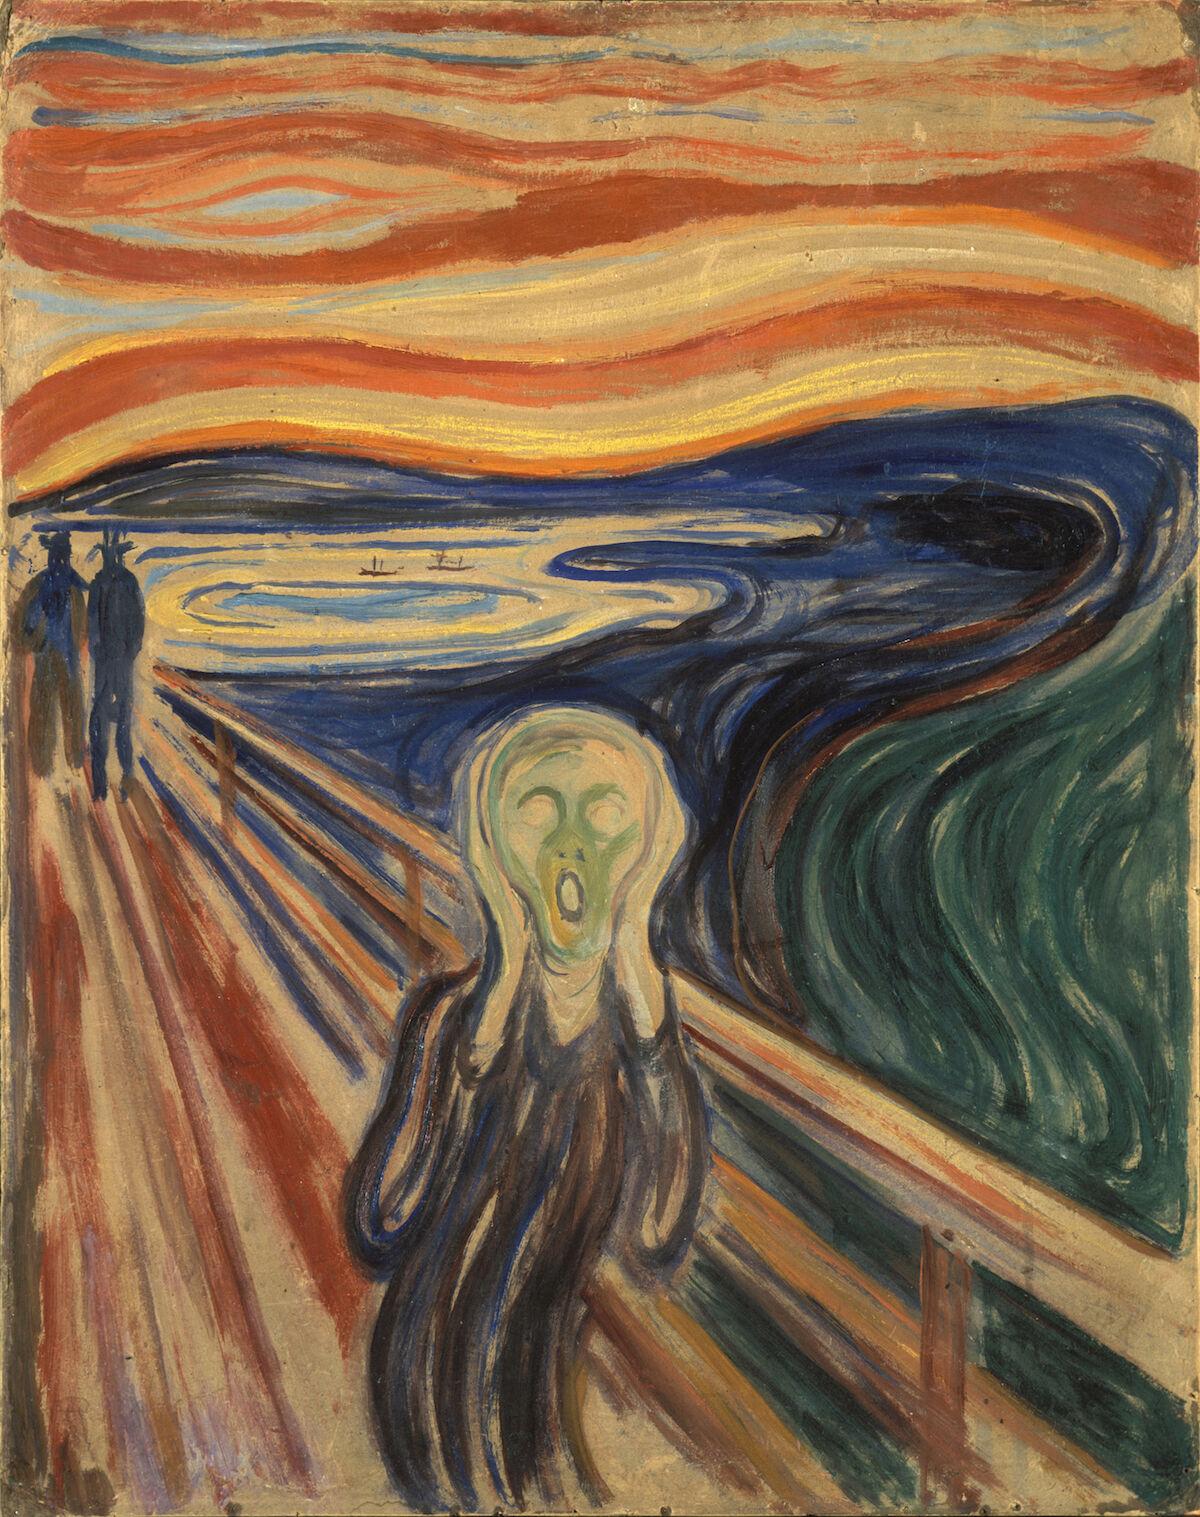 Edvard Munch, The Scream, 1910. Munch Museum, Oslo. Via Wikimedia Commons.